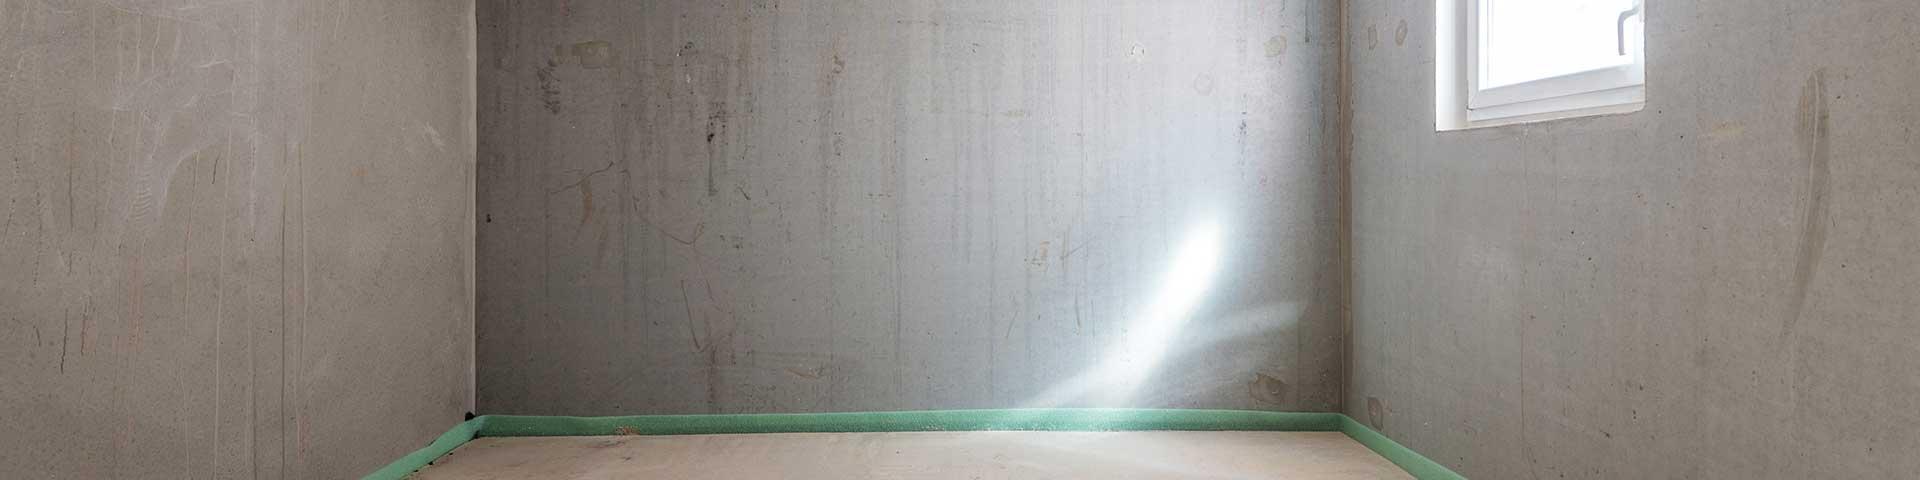 pusta piwnica z betonowymi ścianami i białym oknem gospodarczym